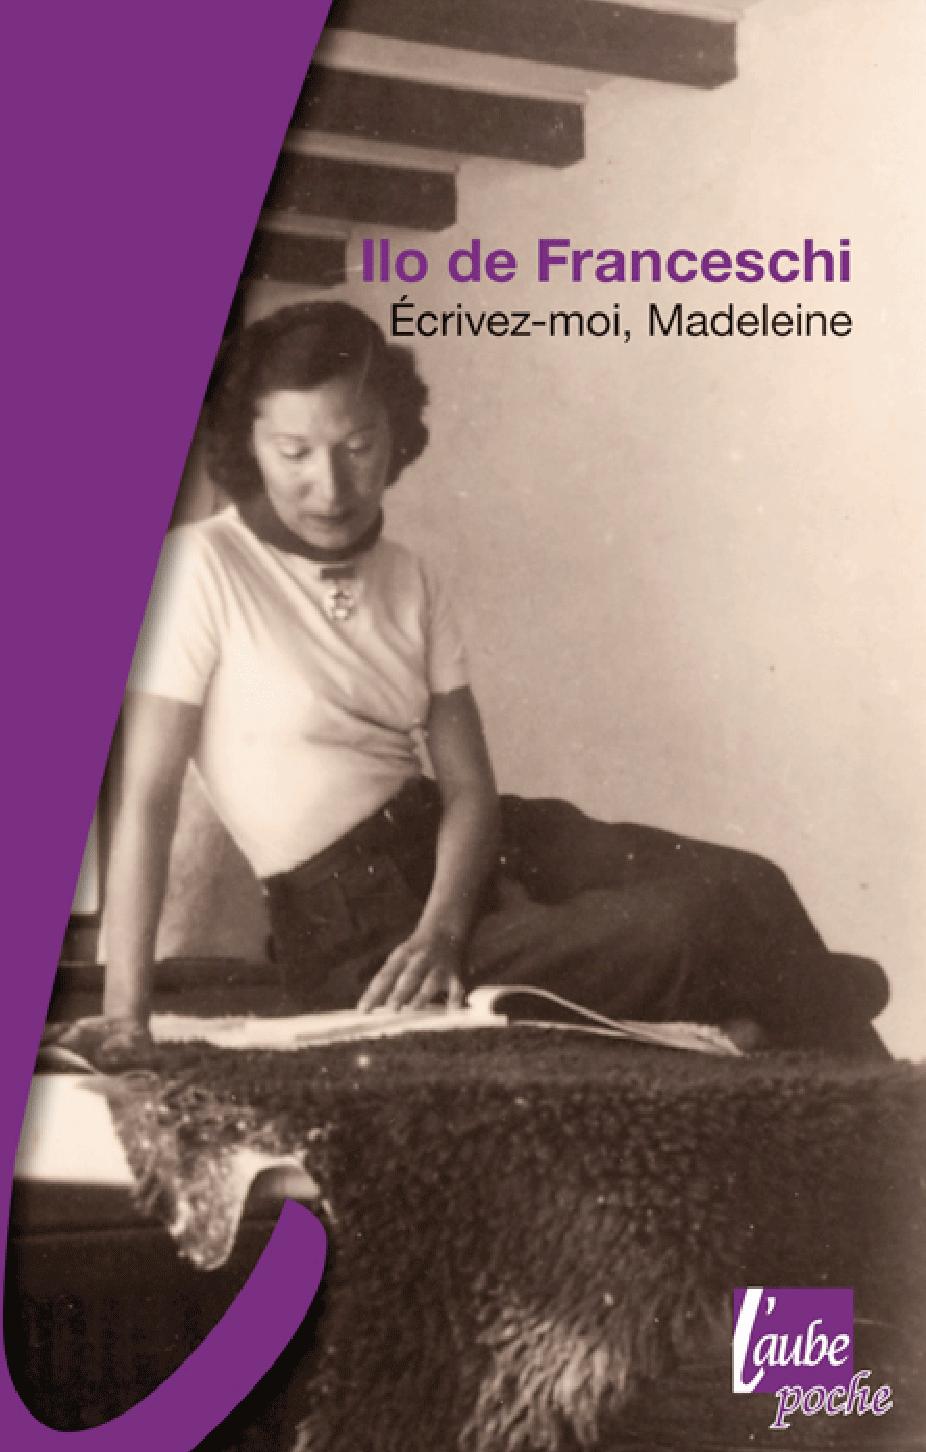 Ecrivez-moi Madeleine